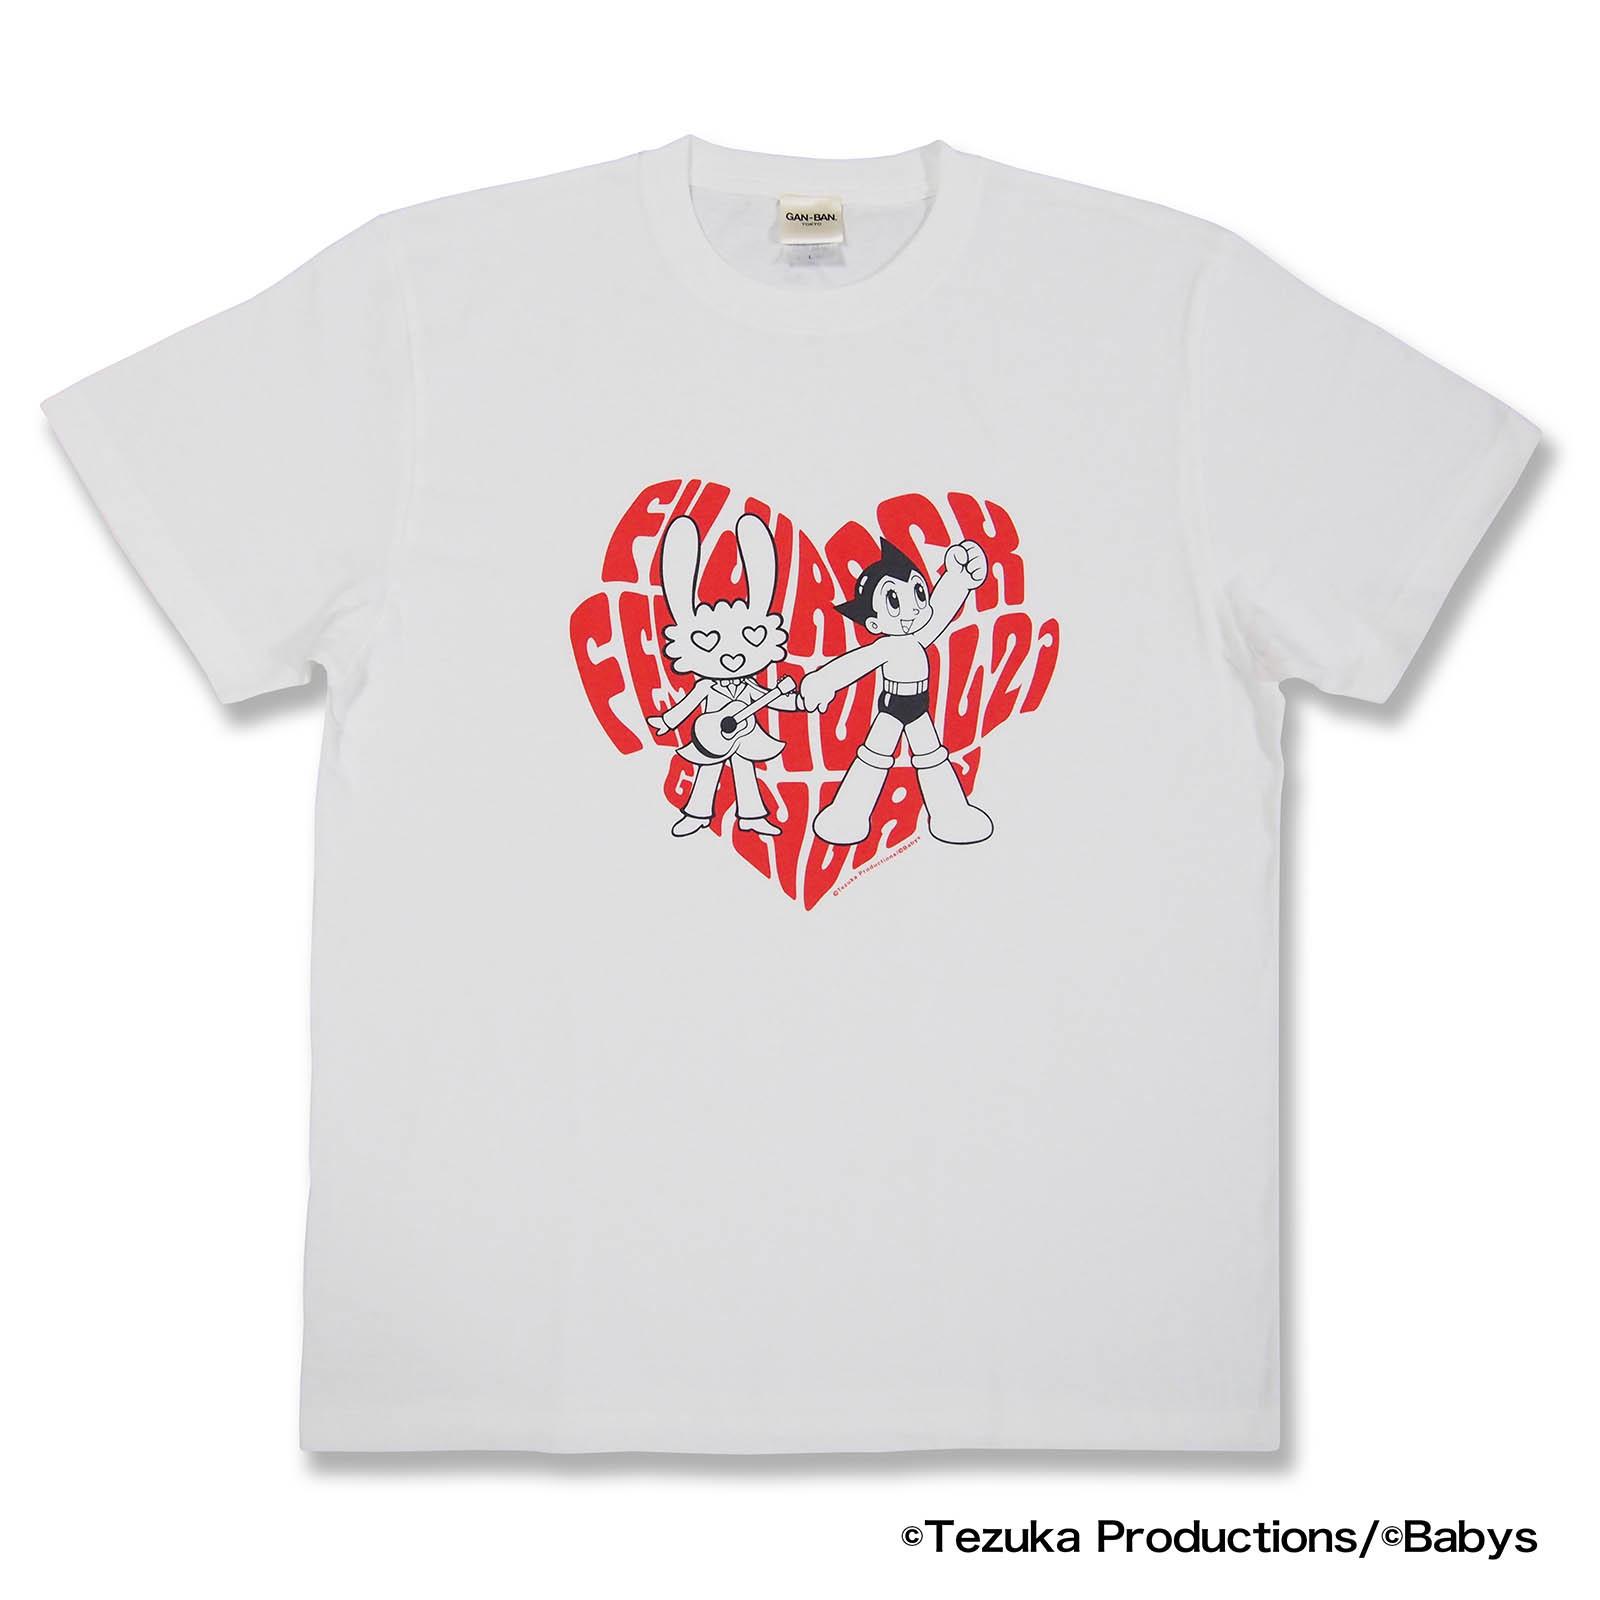 ヒトハタウサギ×鉄腕アトム×フジロック'21×GAN-BAN Tシャツ  4,400 円(税込)